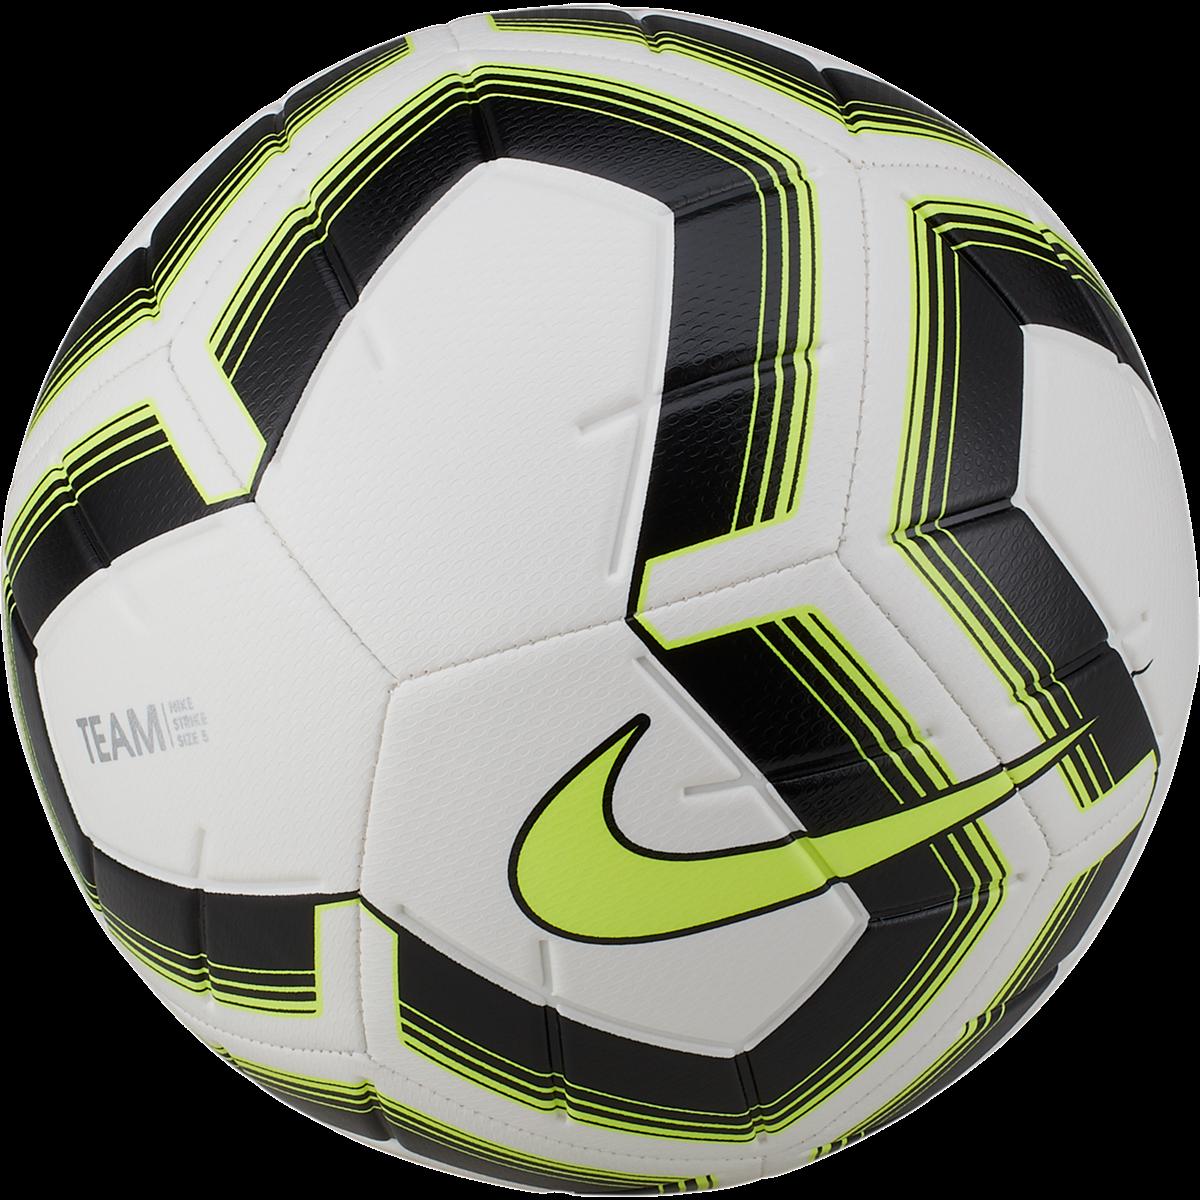 Nike Strike Team Soccer Ball 5 Soccer Soccer Ball Ball